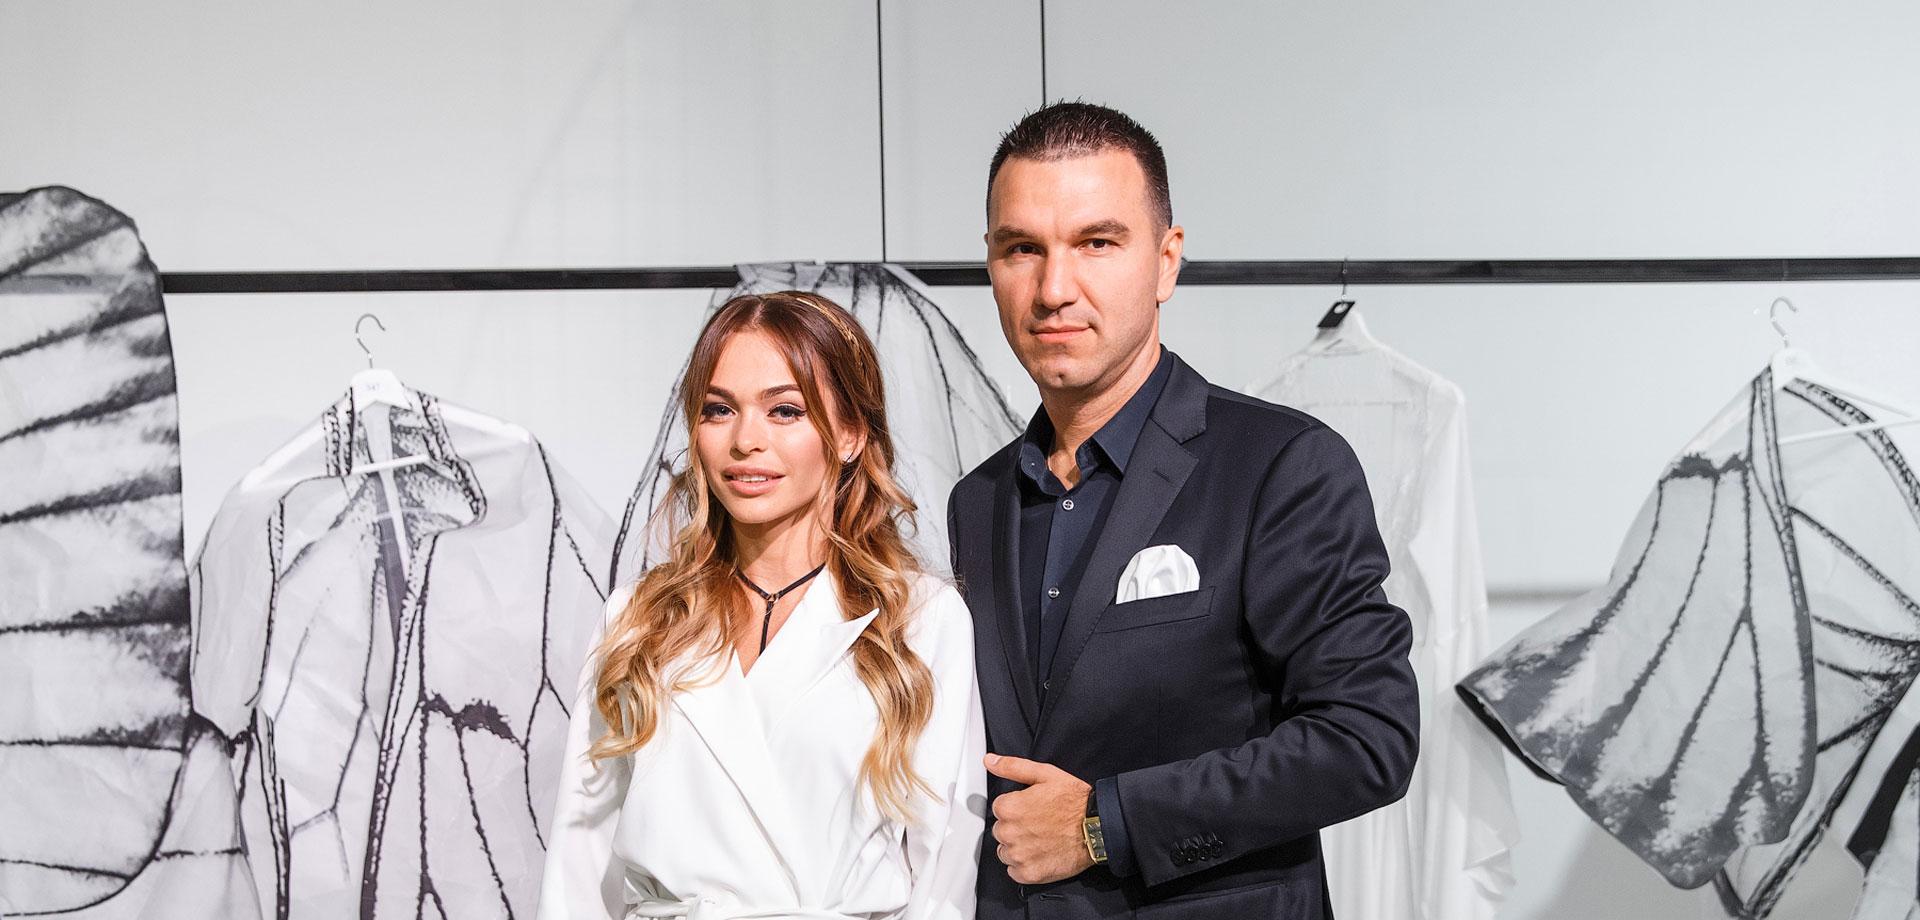 Александр Слесарев ведущий Wedding Завтрака с Анной Хилькевич